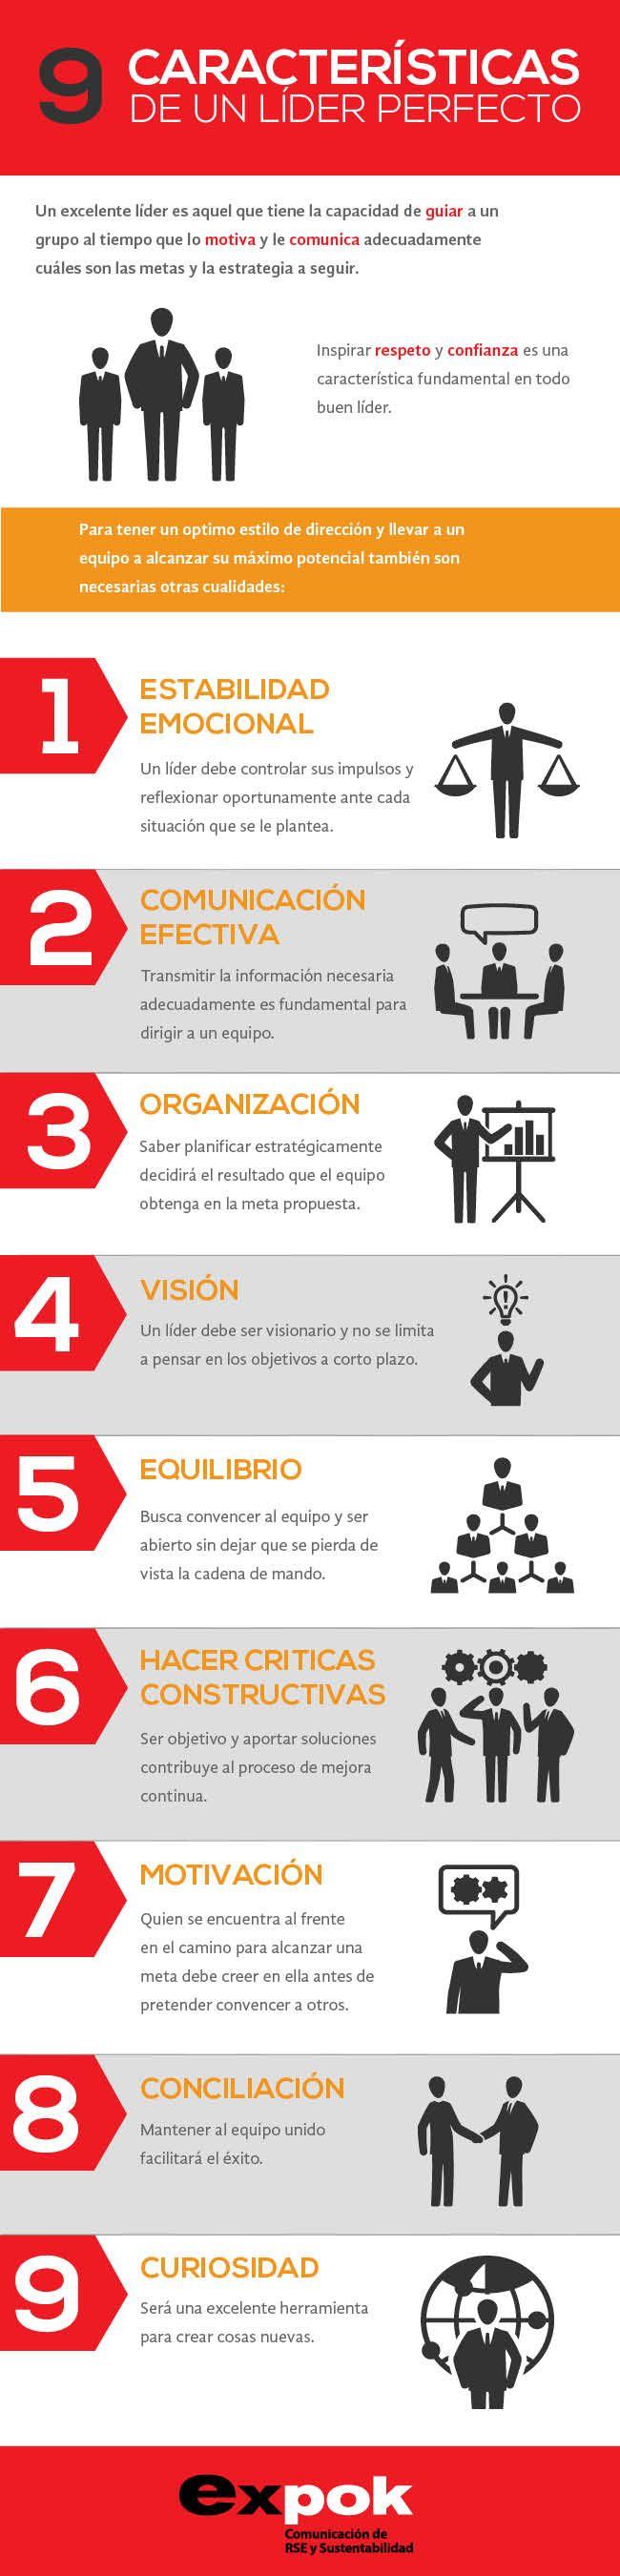 9 características de un lider perfecto